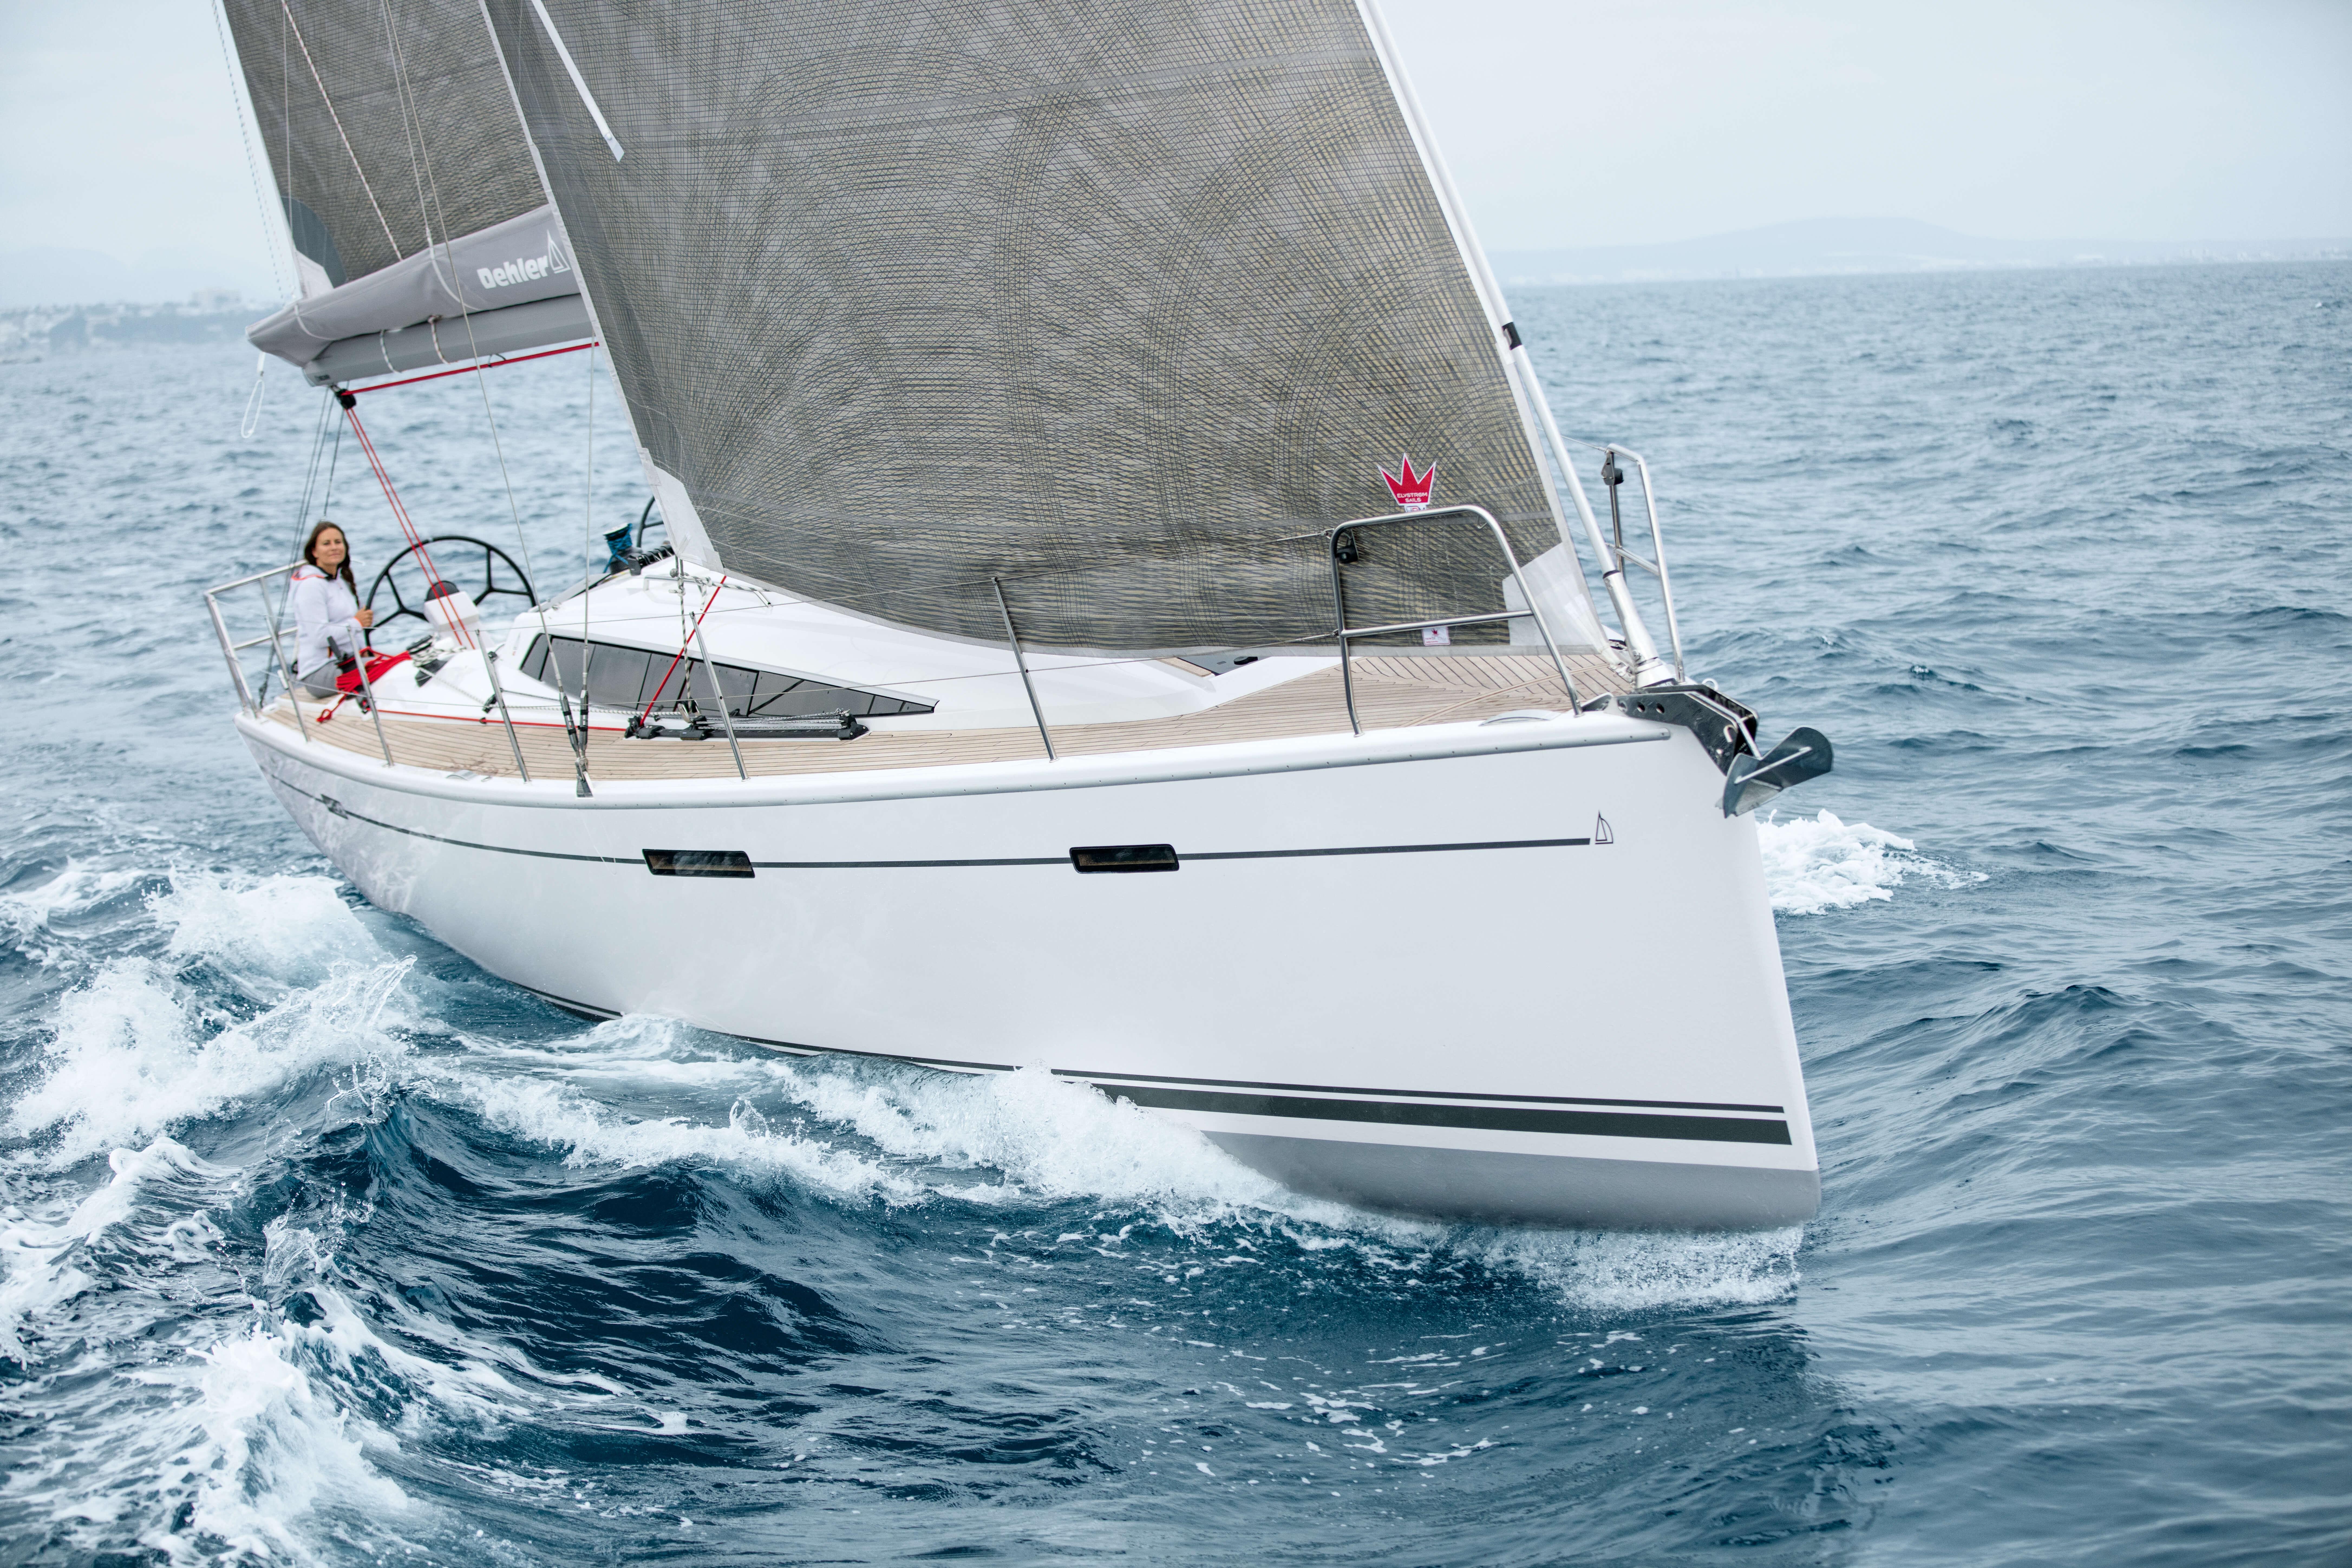 Dehler 42 Exterior Sailing | Dehler 42_Segeln_13_0516_058.jpg | Dehler